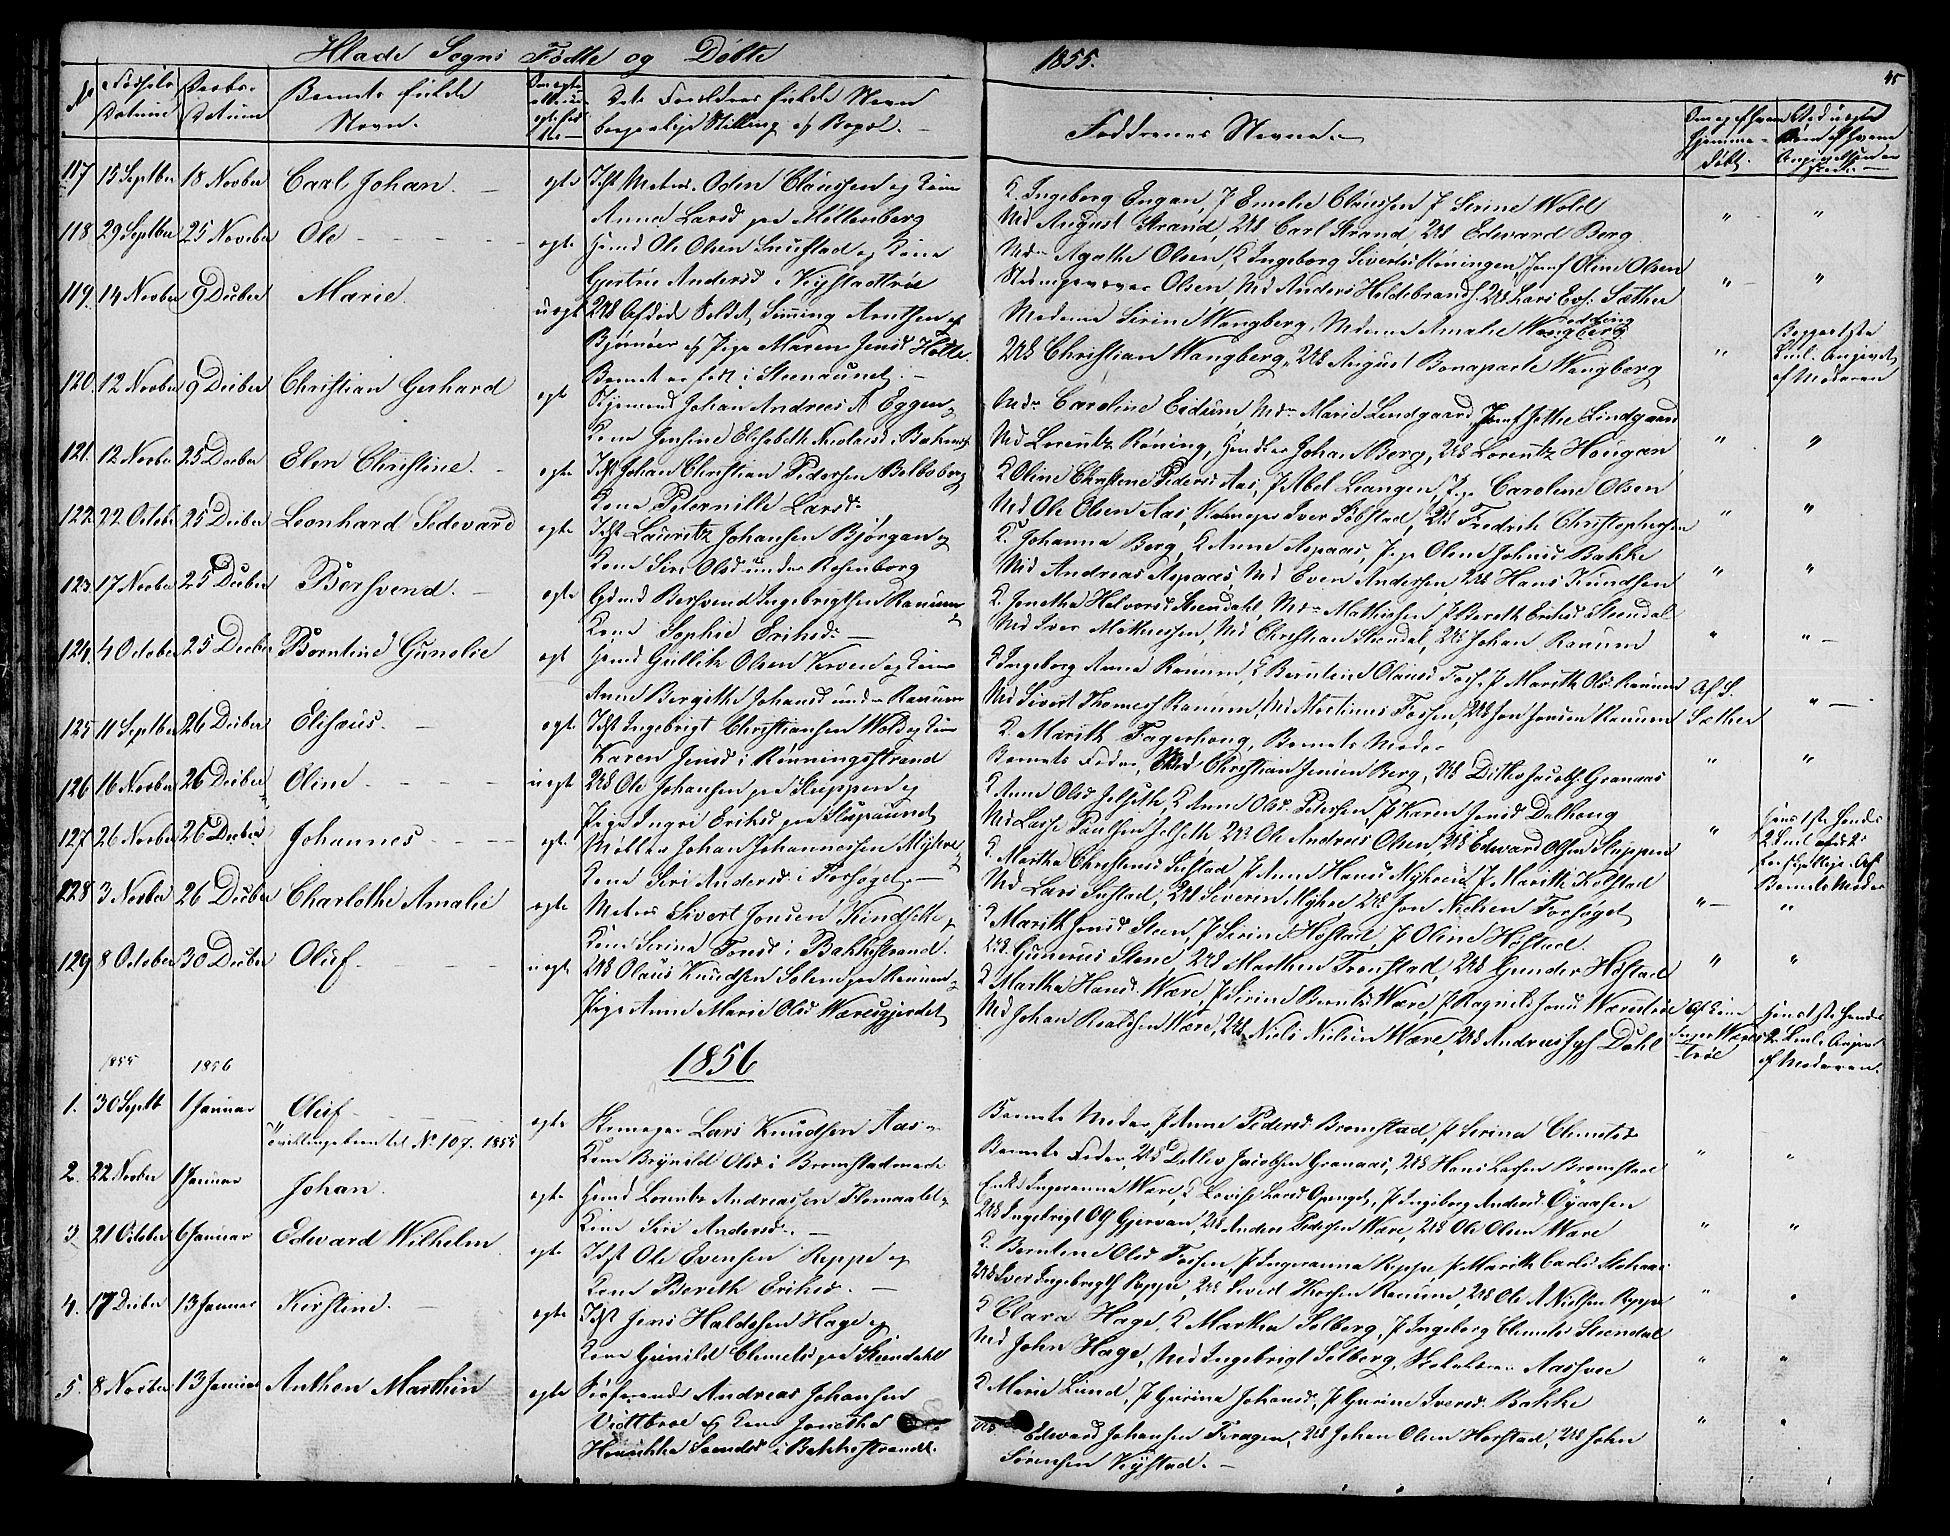 SAT, Ministerialprotokoller, klokkerbøker og fødselsregistre - Sør-Trøndelag, 606/L0310: Klokkerbok nr. 606C06, 1850-1859, s. 45